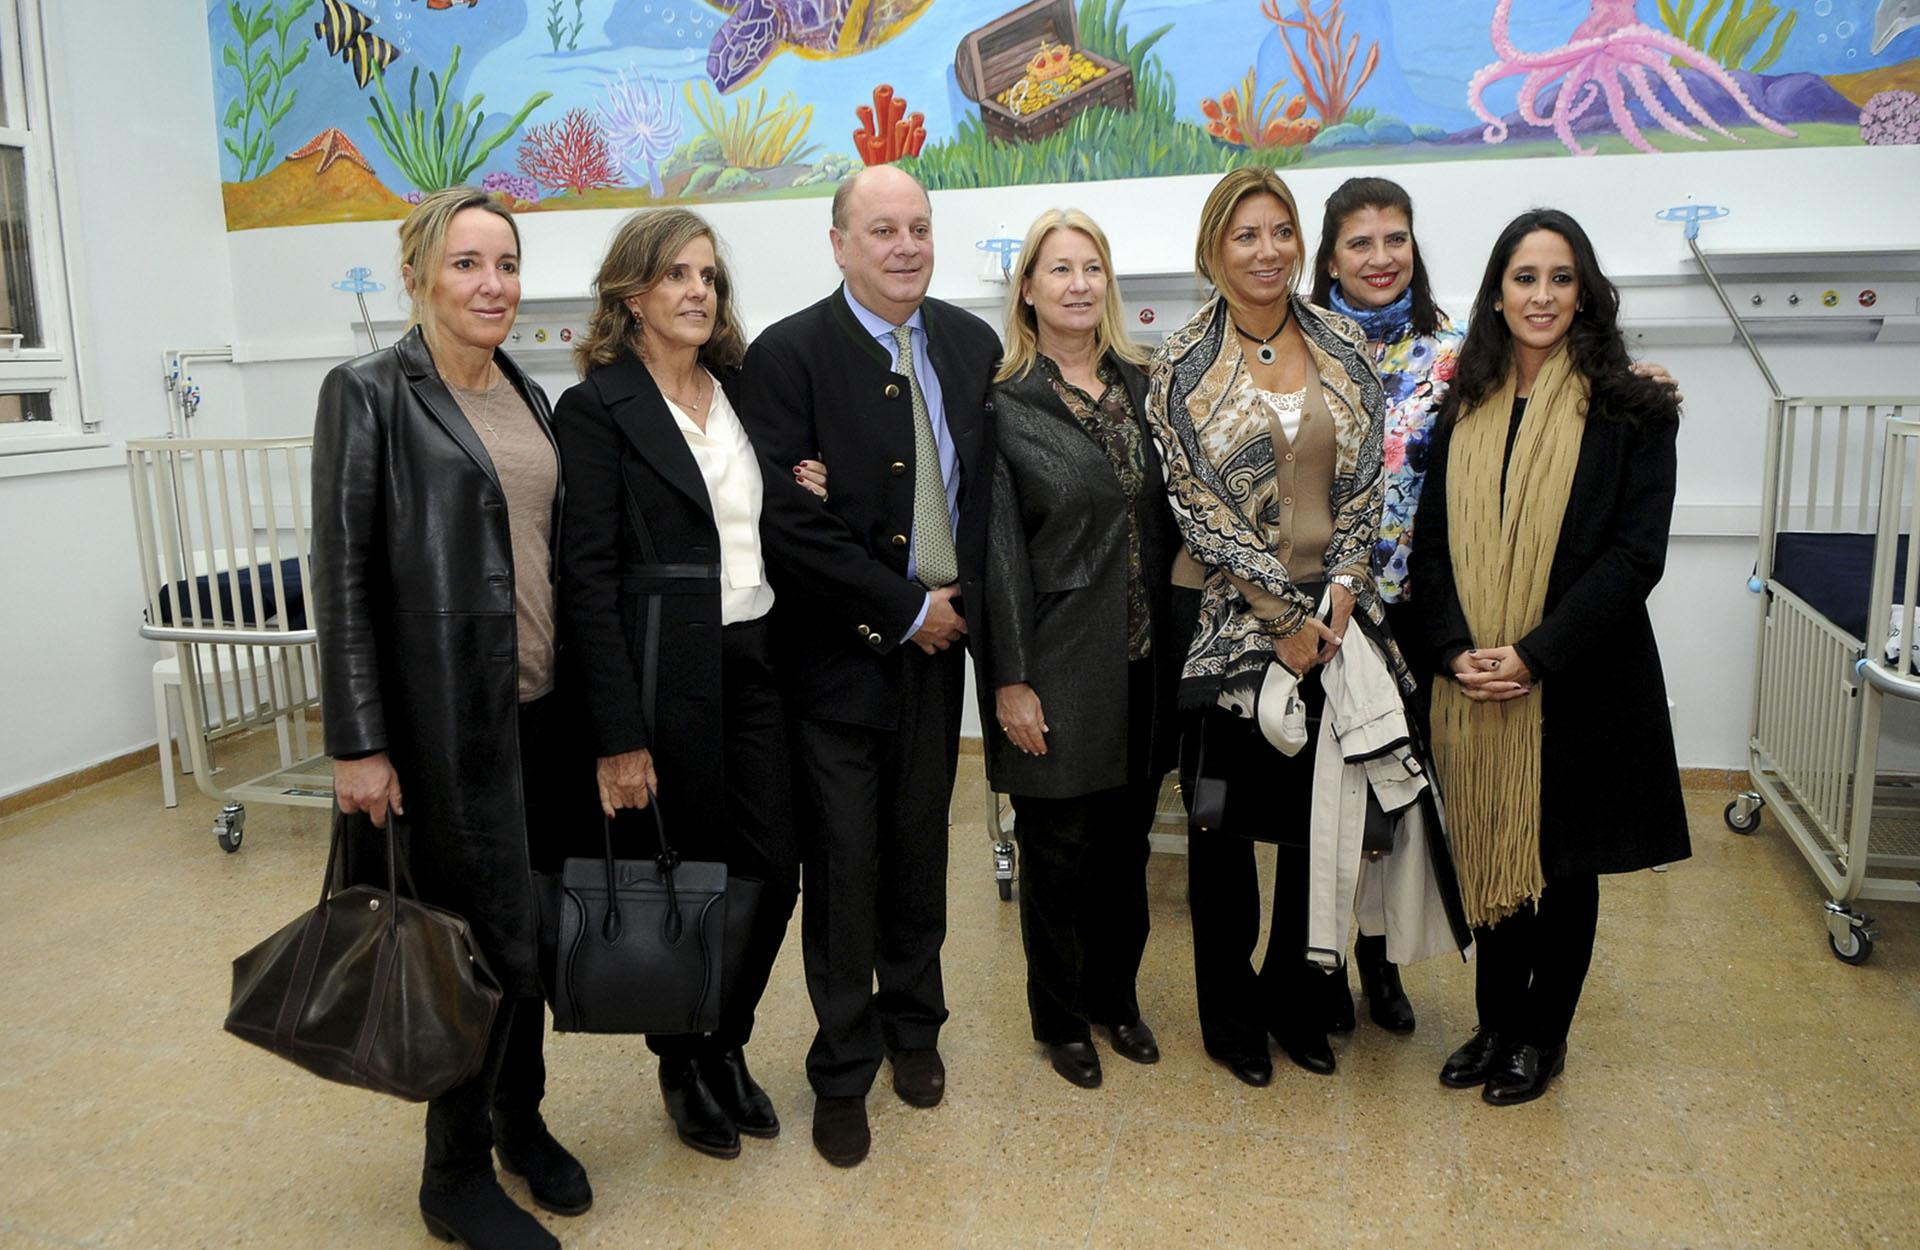 Veronica Zoani, Silvia Neuss, Martín Cabrales, Bettina Bulgheroni, Marta Diez y Vanesa Noble Herrera /// Fotos: Fundación Hospital de Clínicas